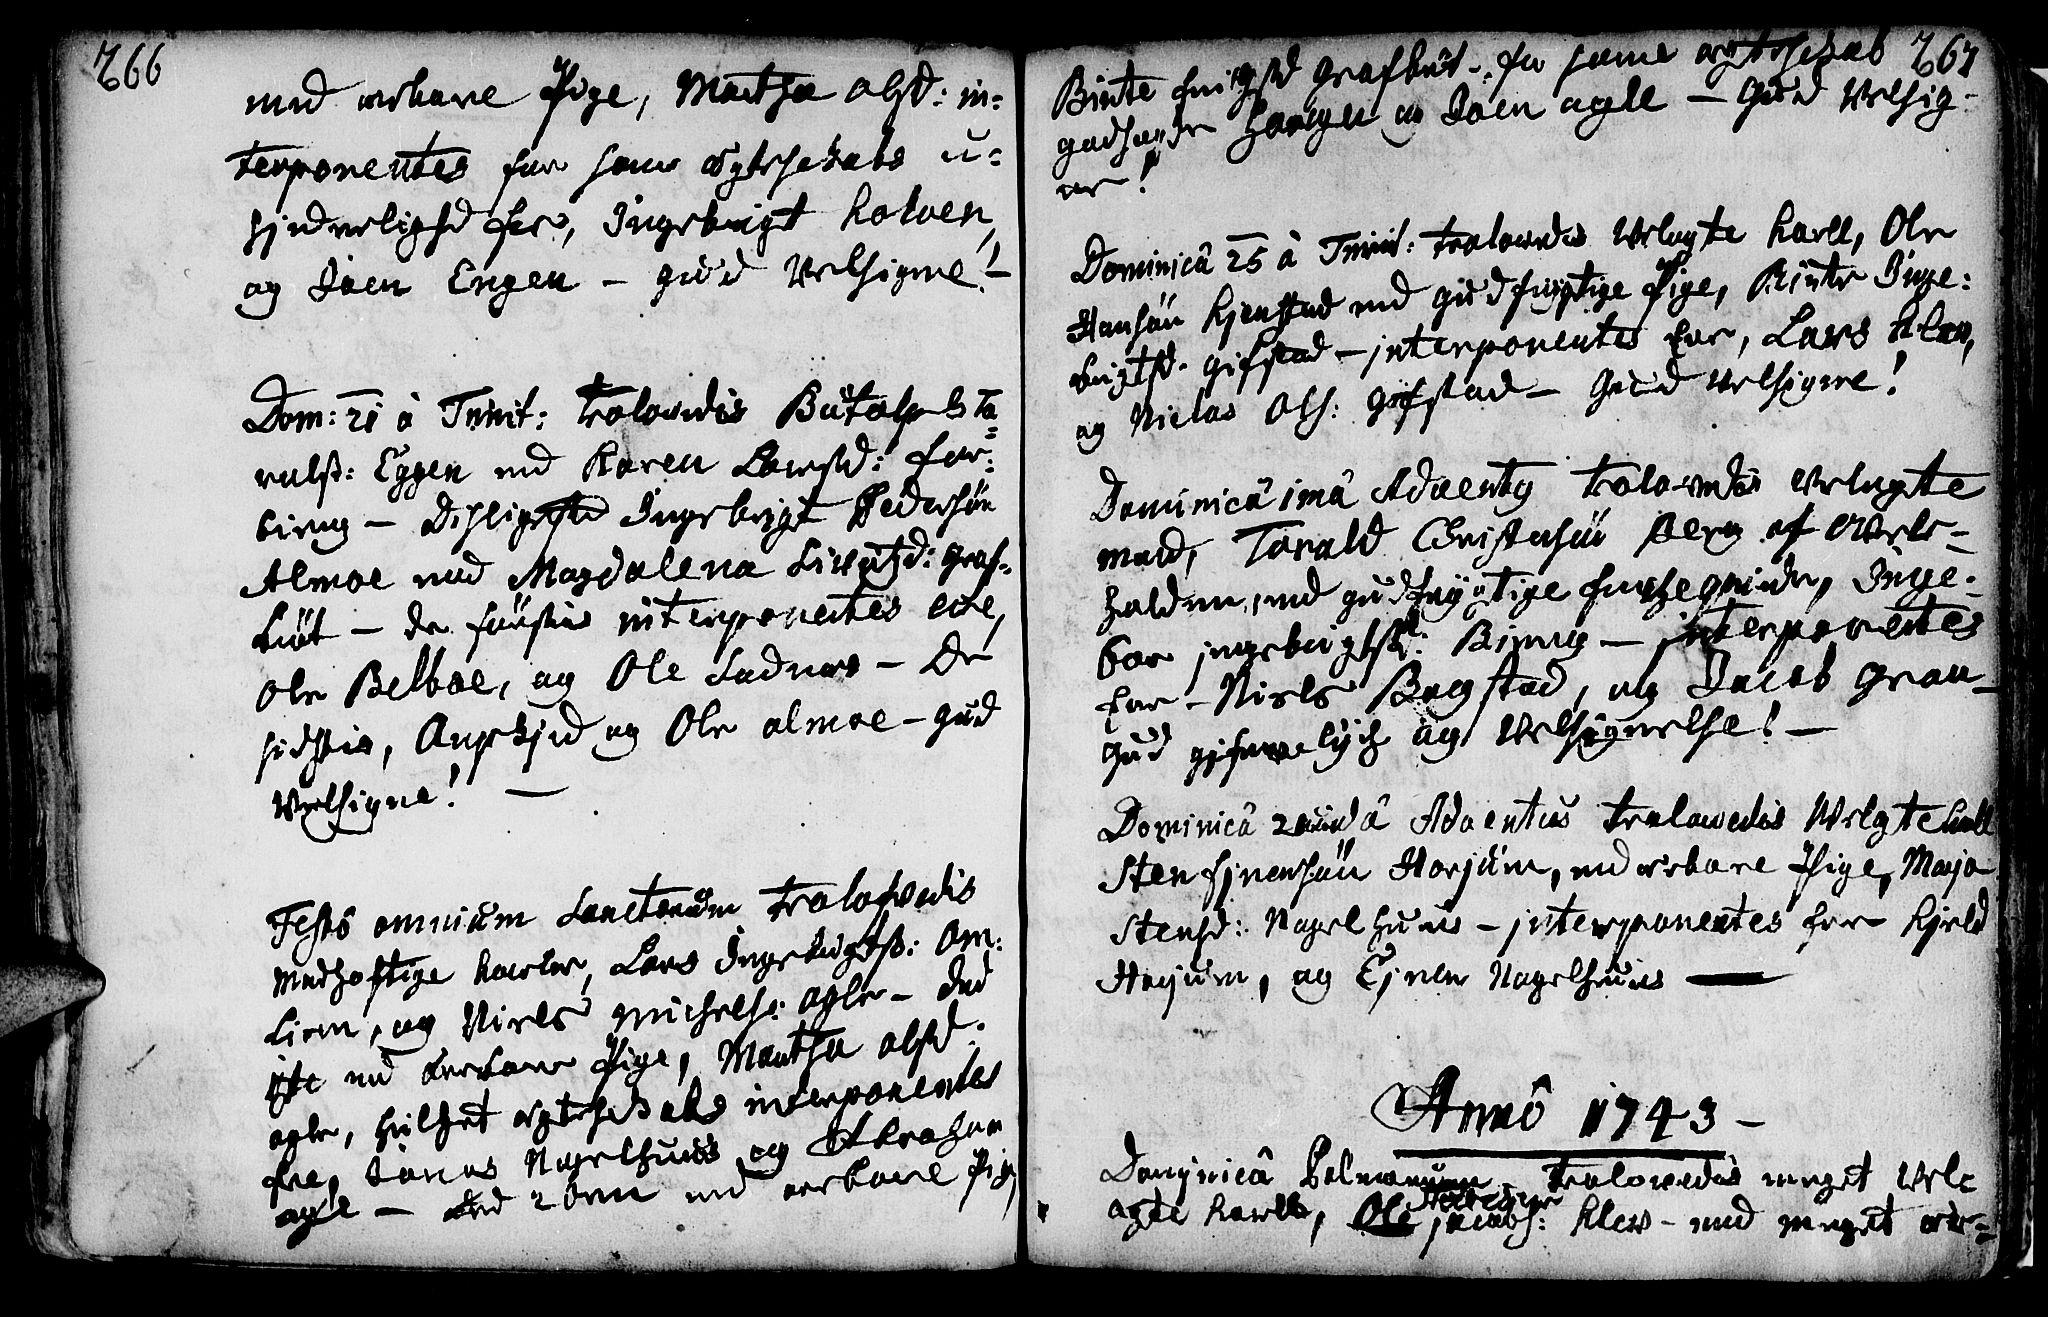 SAT, Ministerialprotokoller, klokkerbøker og fødselsregistre - Nord-Trøndelag, 749/L0467: Ministerialbok nr. 749A01, 1733-1787, s. 266-267